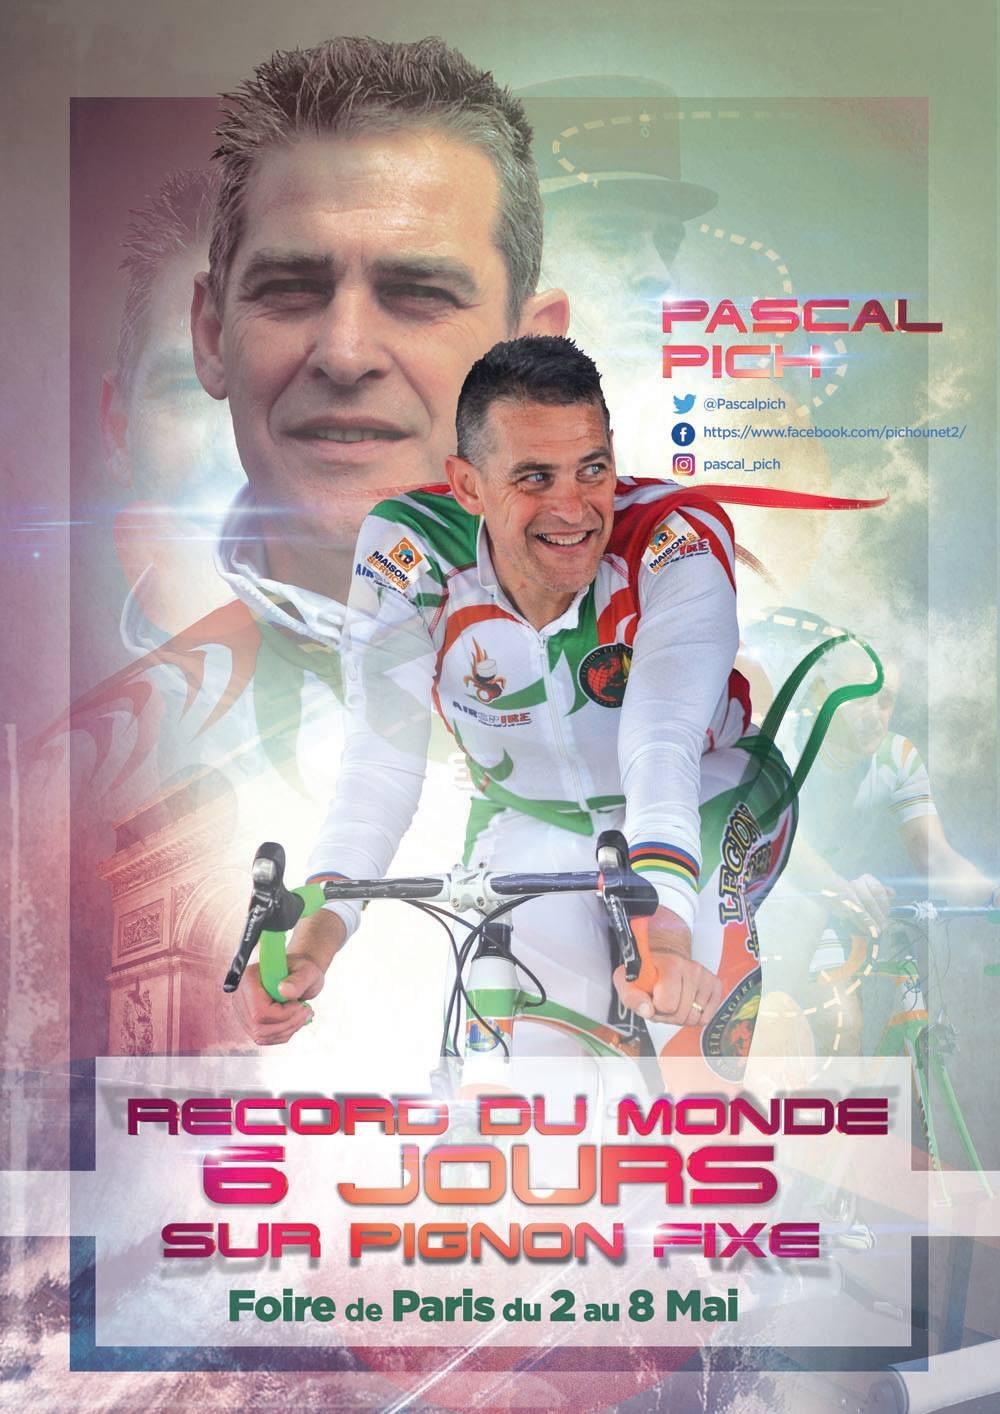 Pascal Pich, Foire de Paris, Record du Monde